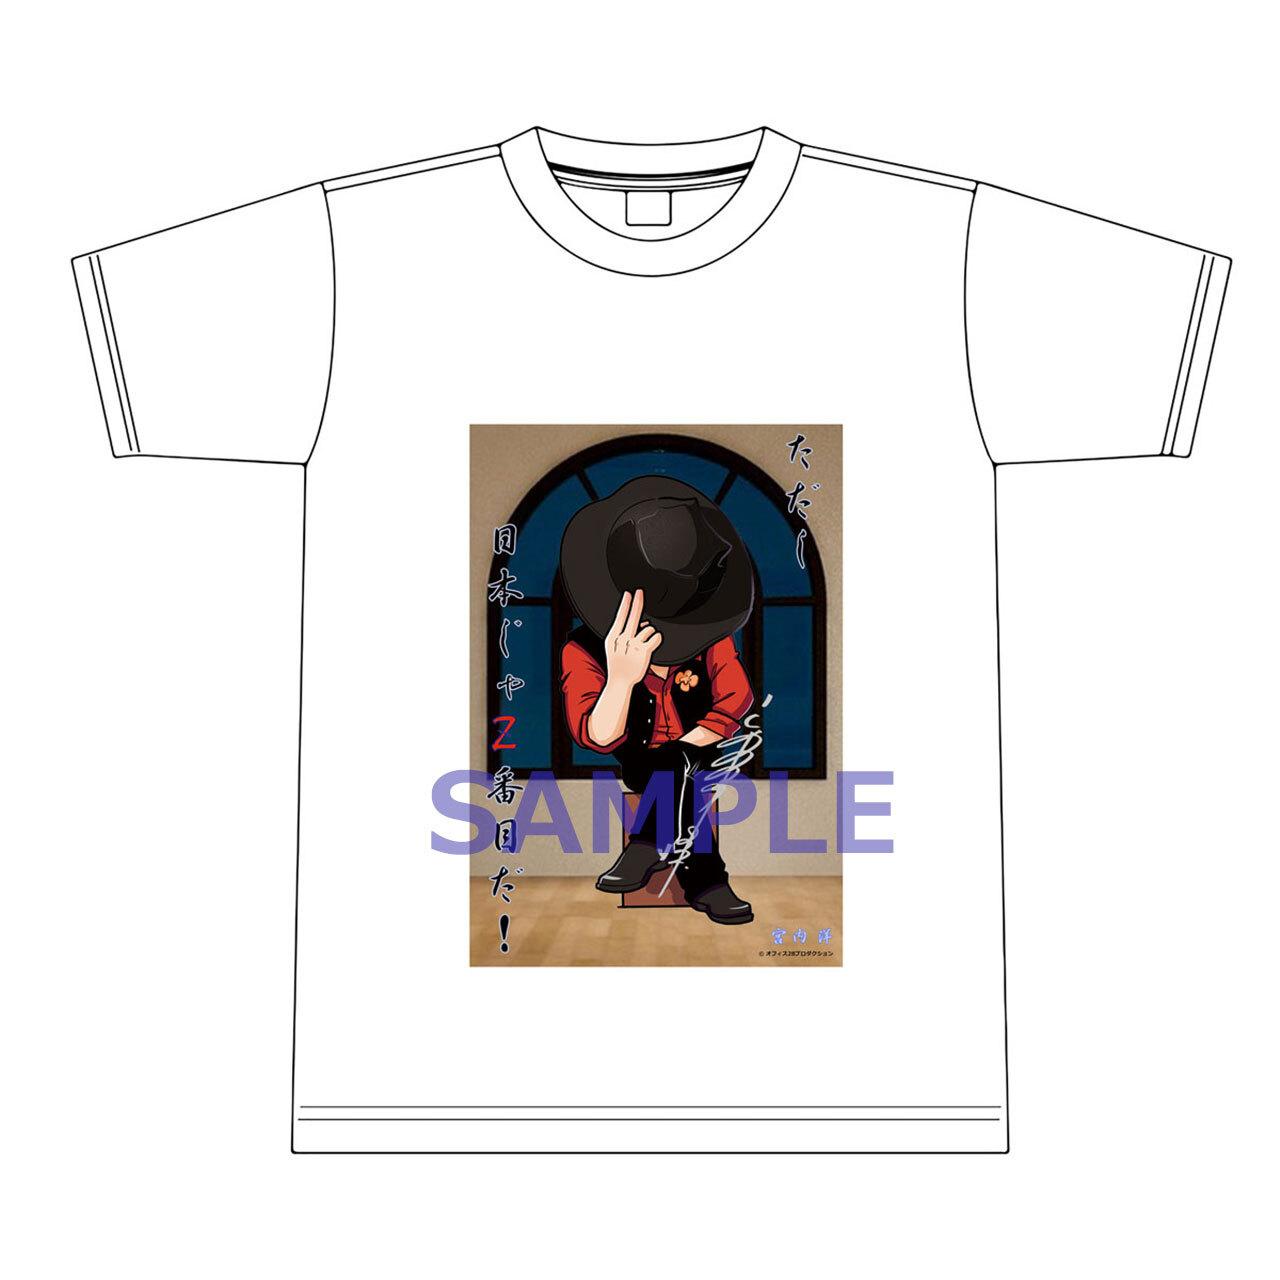 【4589839361484先】宮内洋 Tシャツ B /XL 銀色箔押しサイン付きver.